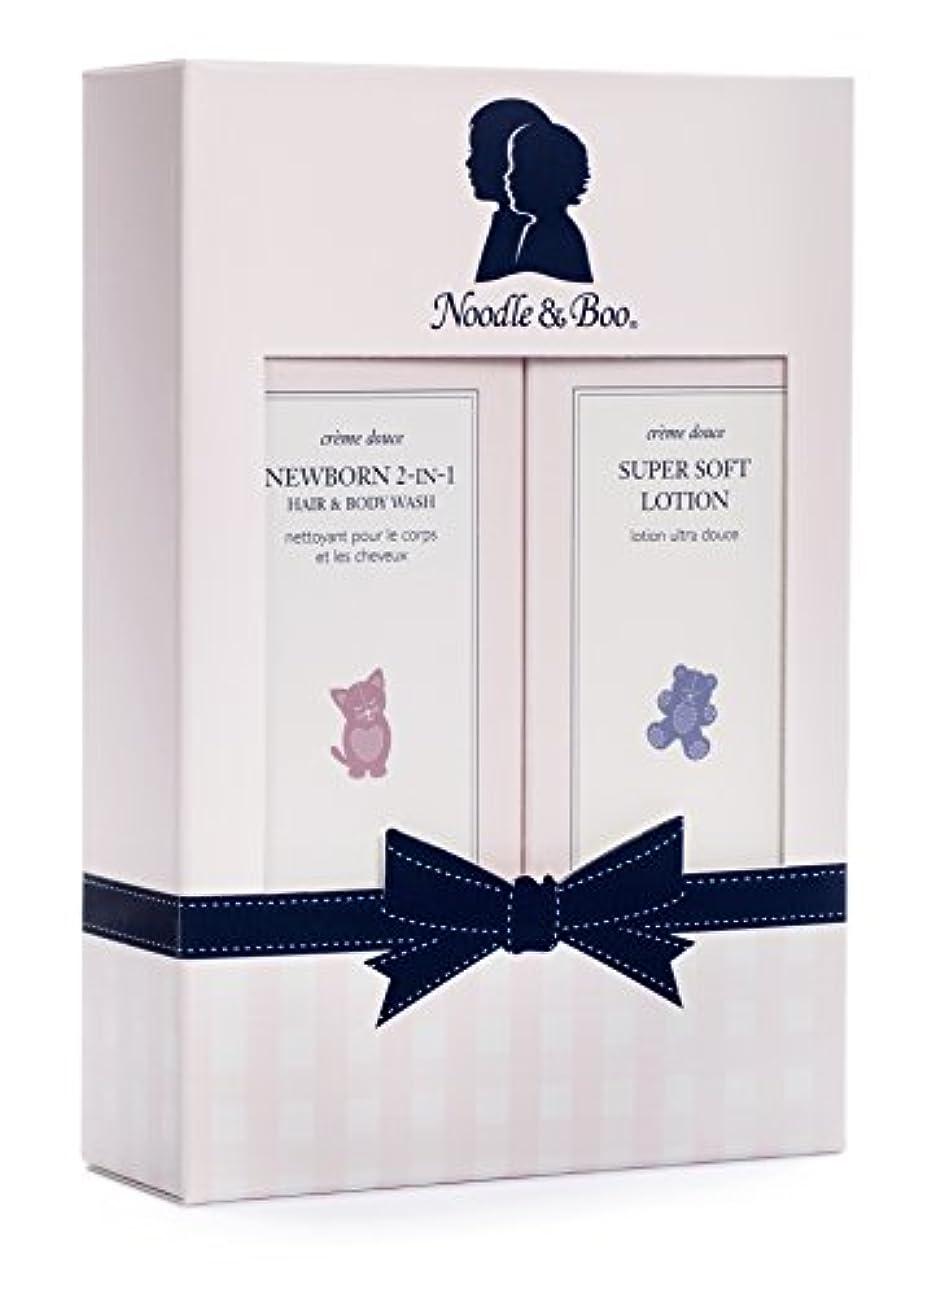 ツーリスト思い出すリンケージヌードル&ブー Newborn Gift Set: Newborn 2-in-1 Hair & Body Wash 237ml/8oz + Super Soft Lotion - For Face & Body 237ml...